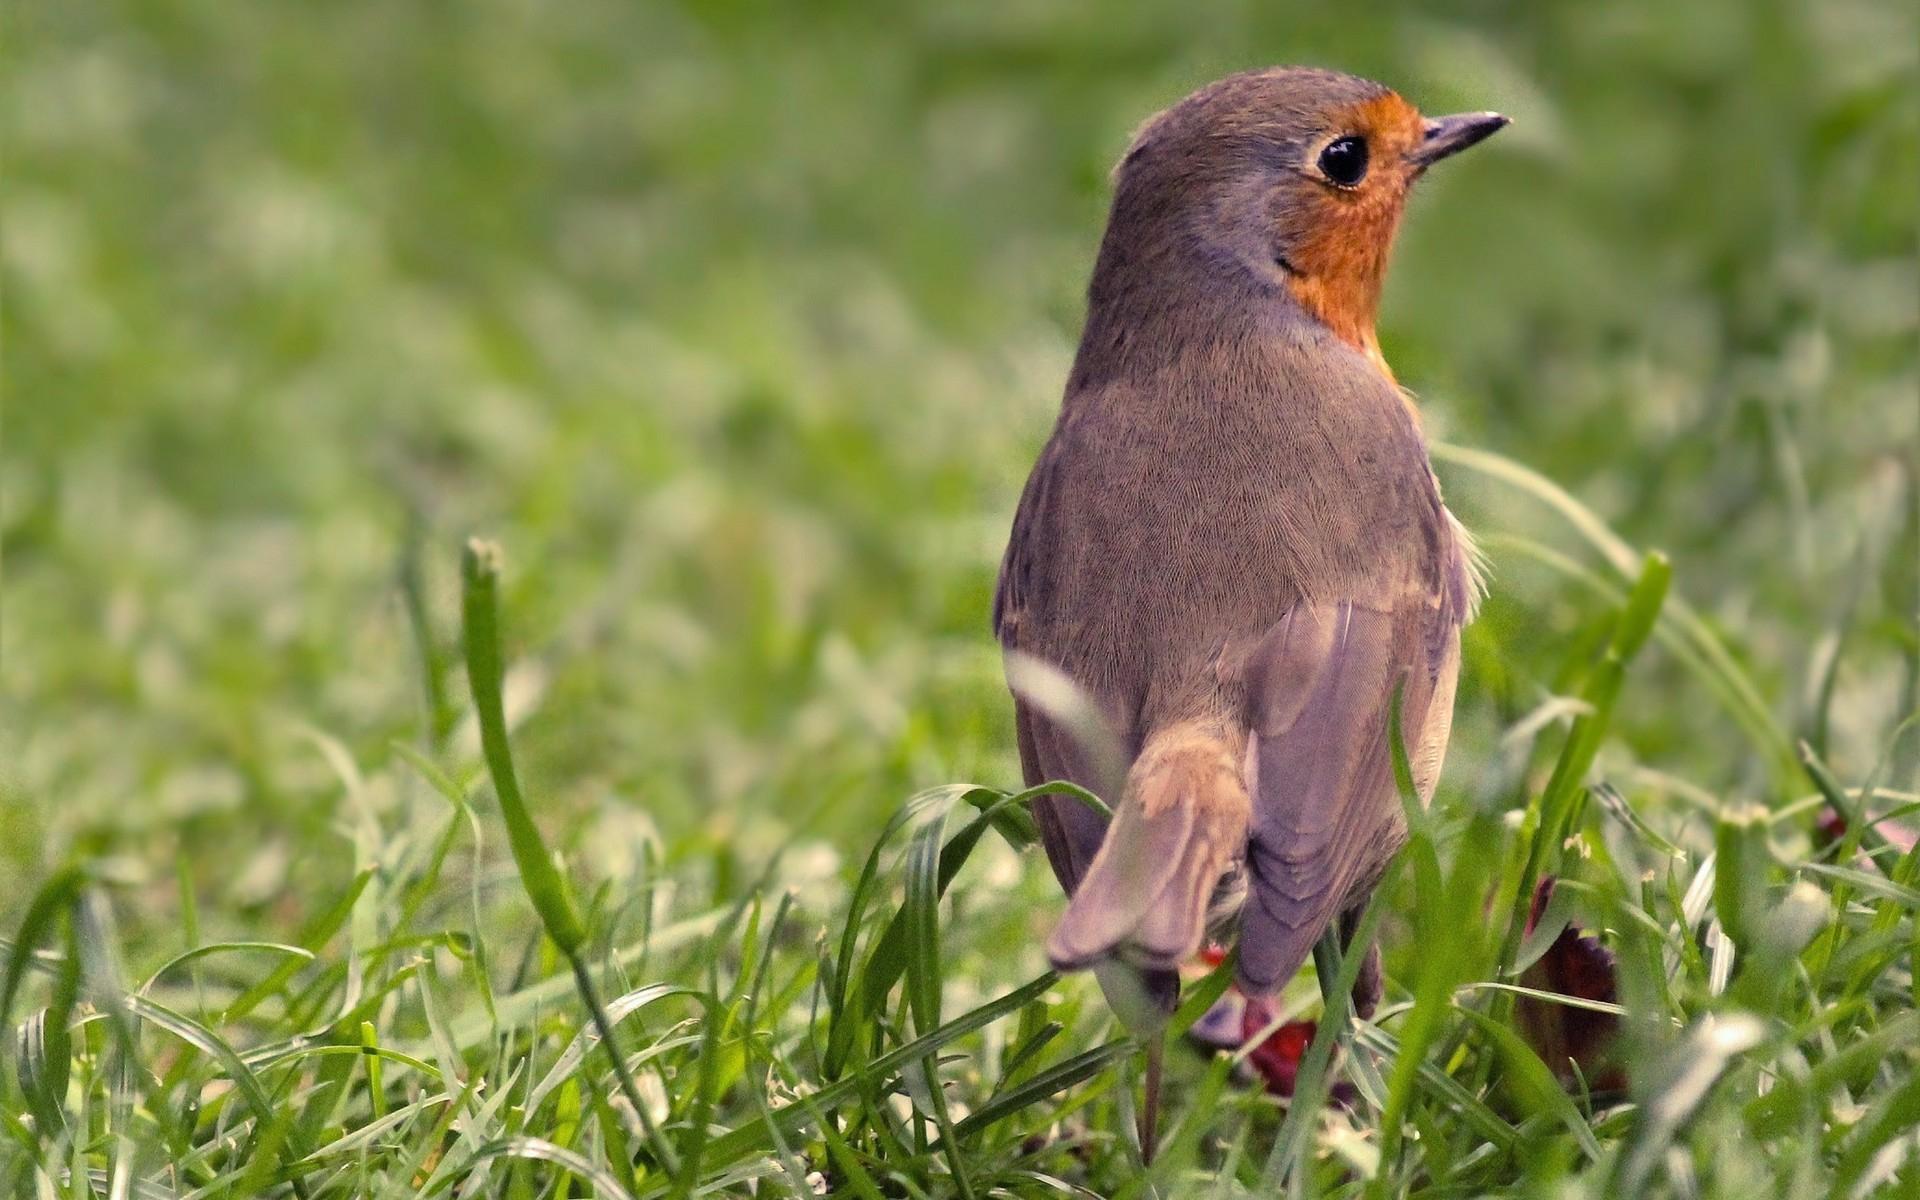 Fonds D'Écran Oiseaux Gratuits encequiconcerne Fond ?Cran Oiseaux Exotiques